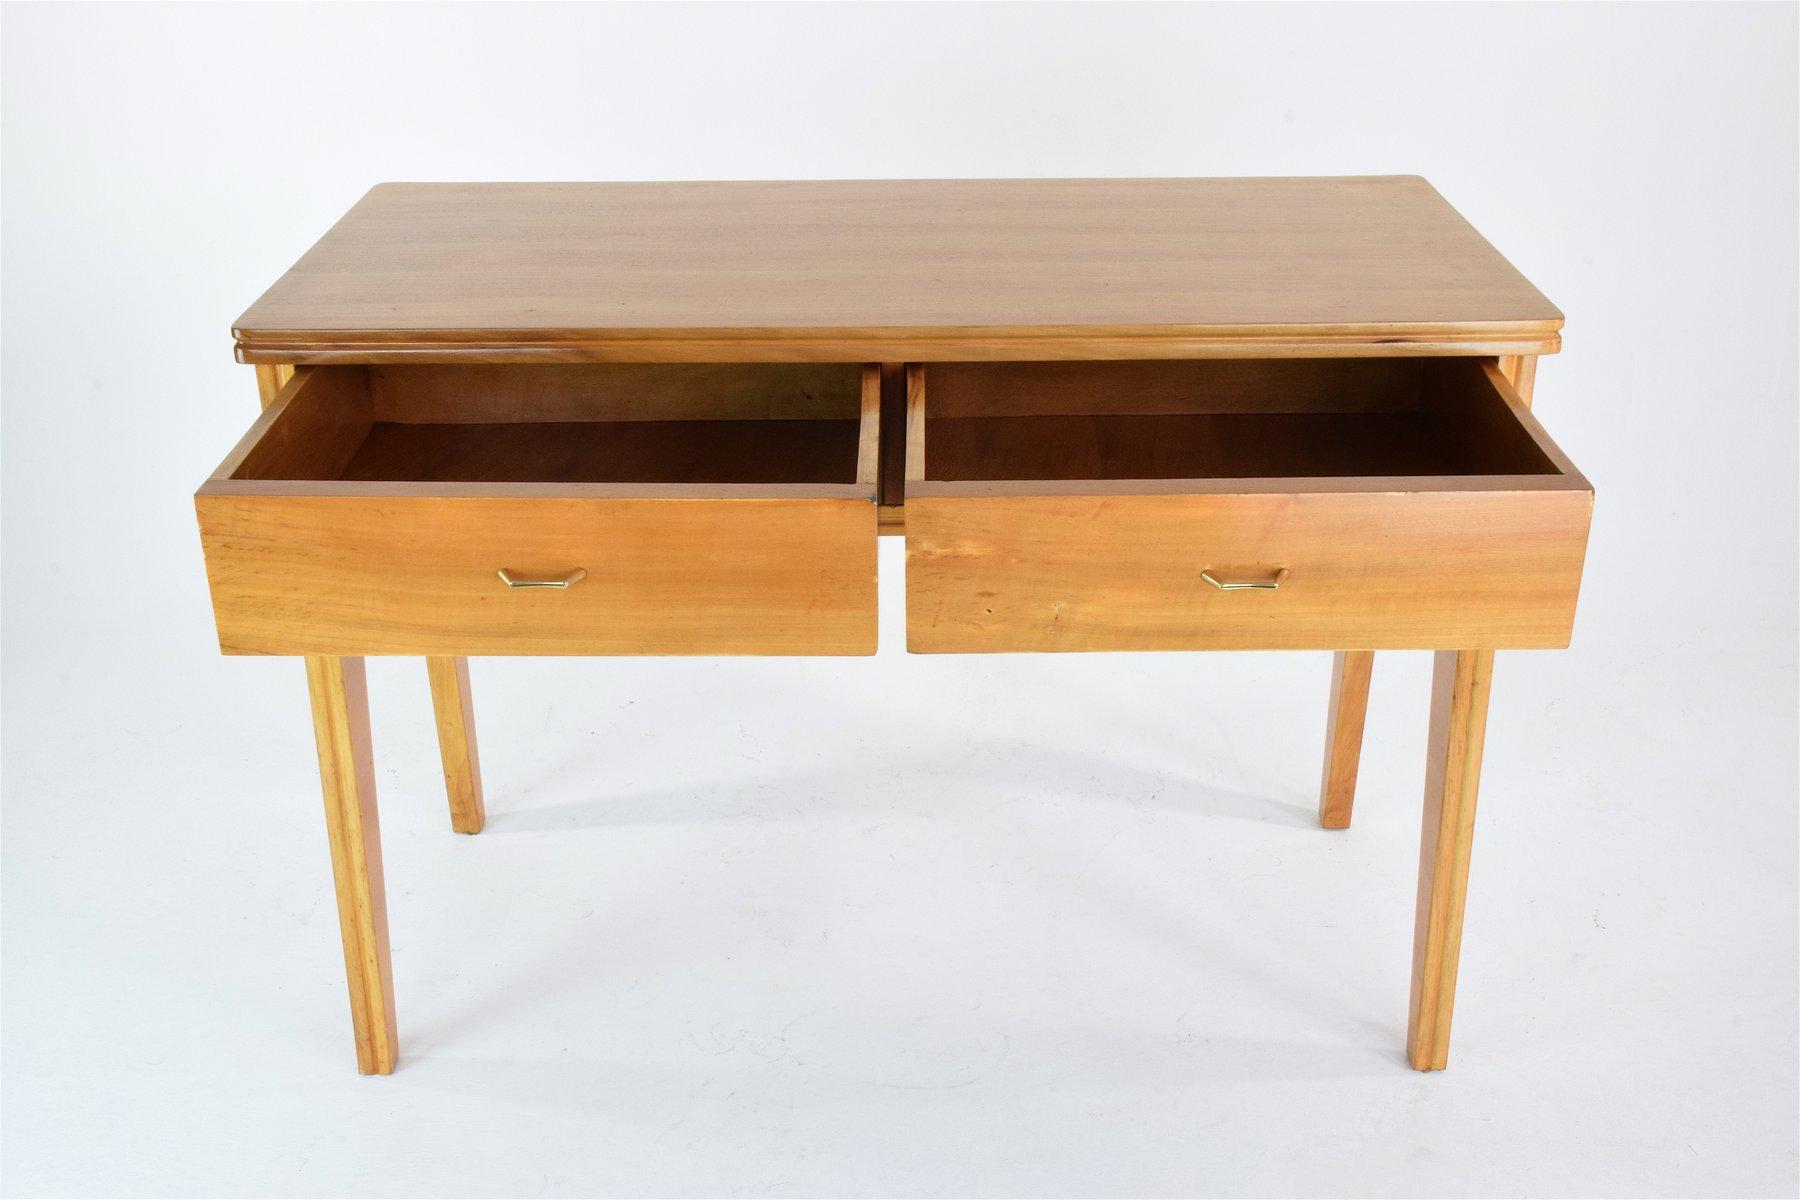 italienischer mid century kirschholz schreibtisch bei pamono kaufen. Black Bedroom Furniture Sets. Home Design Ideas